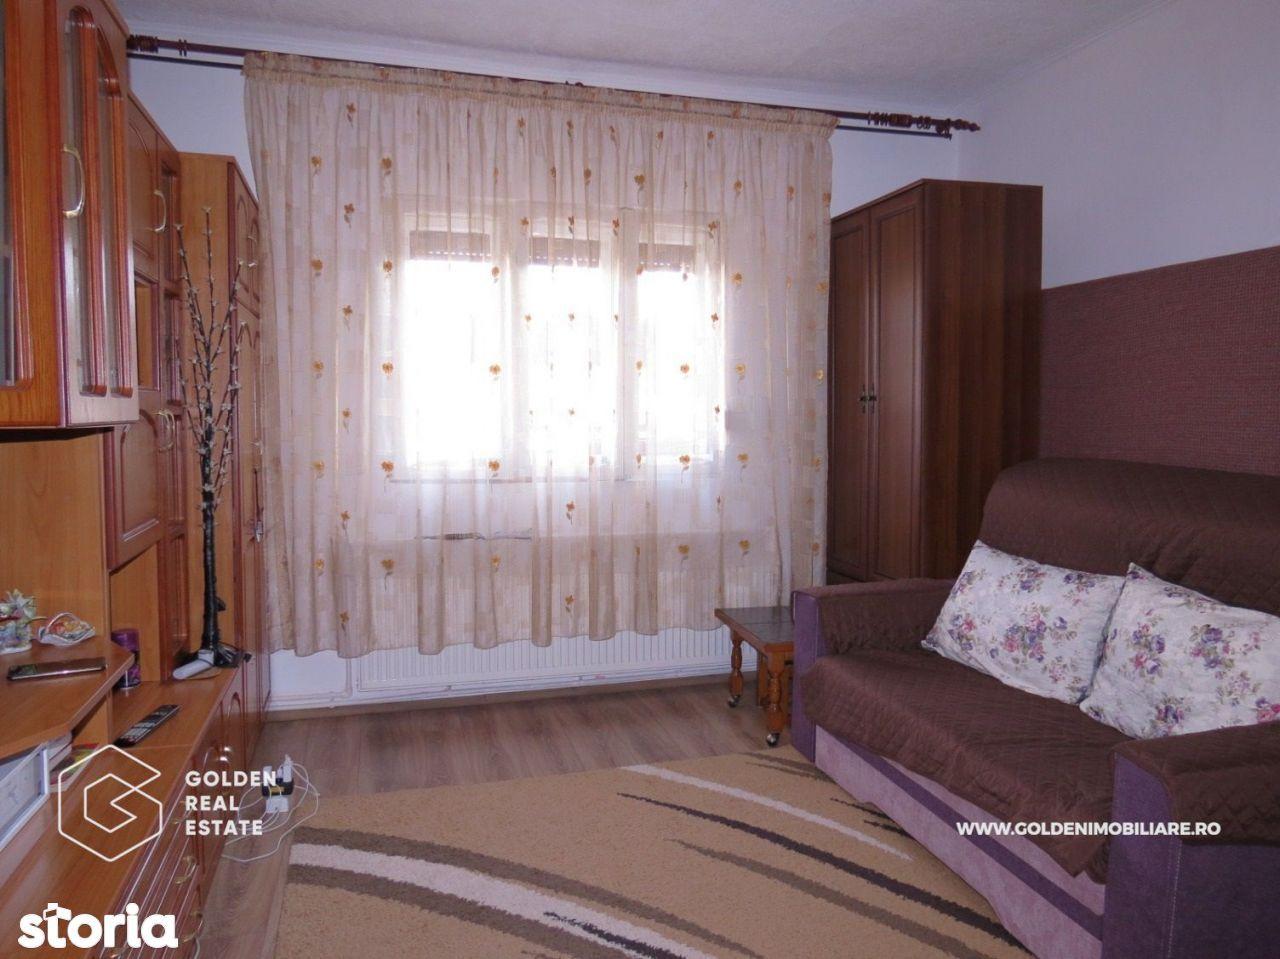 Apartament 1 camera la casa, centrala termica, Parneava